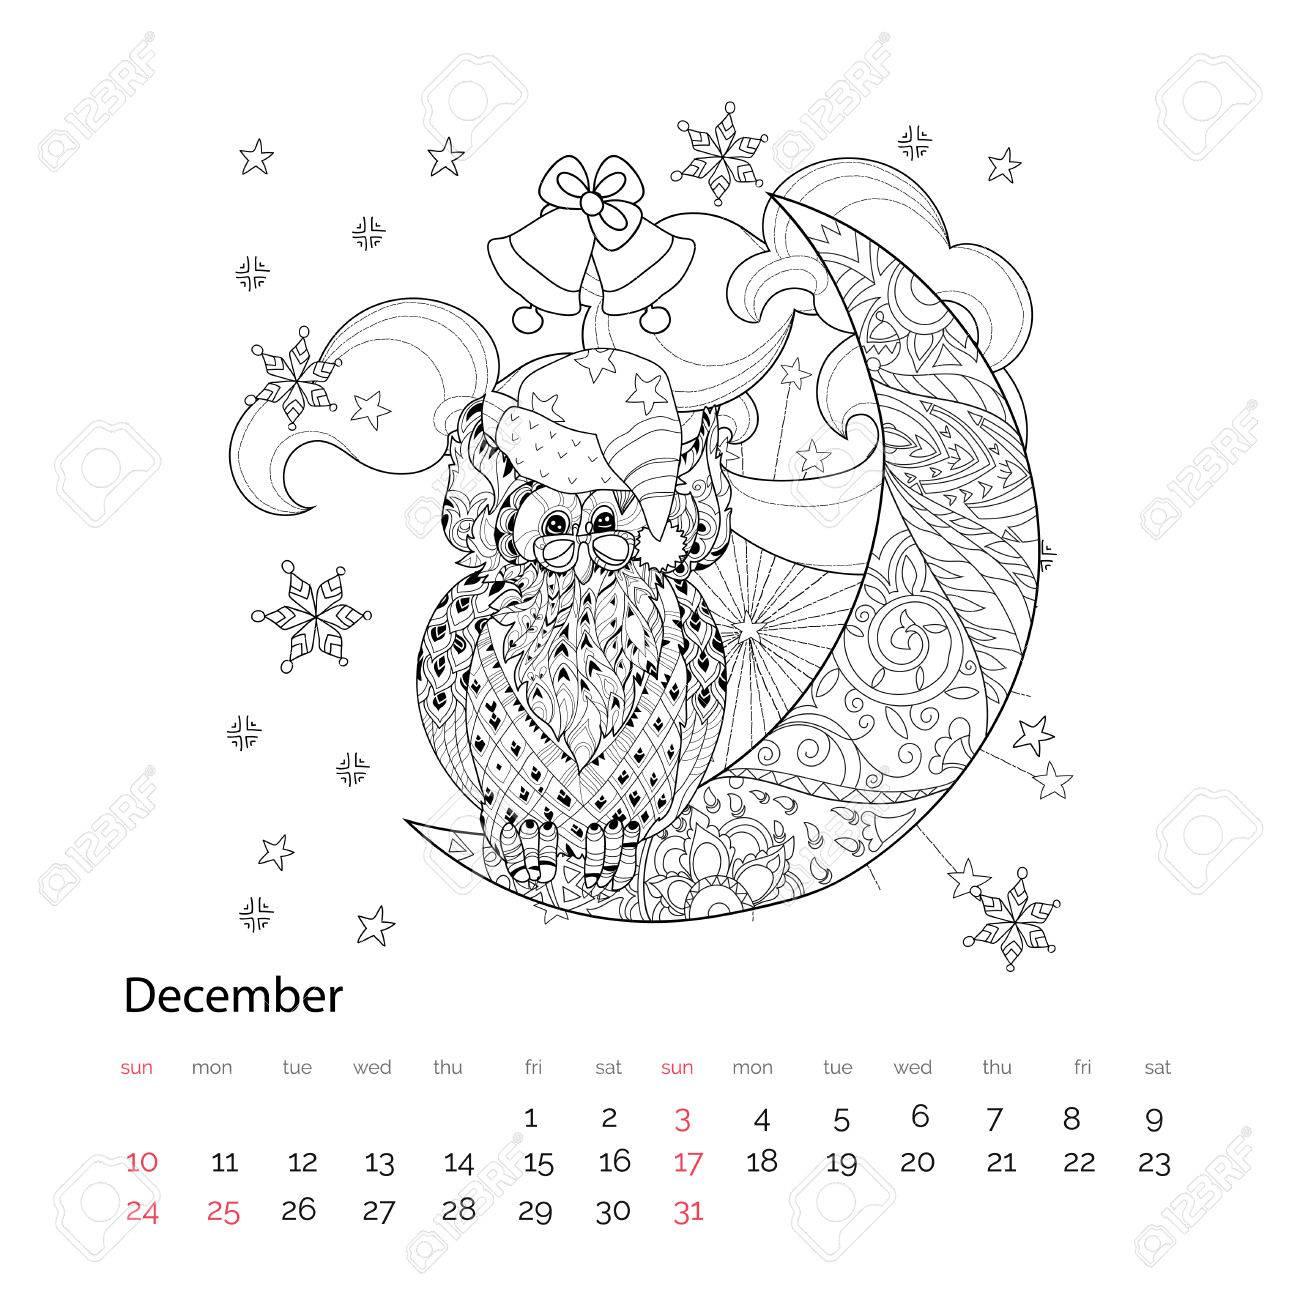 Búho Lindo En La Media Luna De La Navidad Con Las Estrellas Y Las Flores Mano Doodle Artadult Zen Anti Stress Libro Para Colorear O Boho Tatuaje